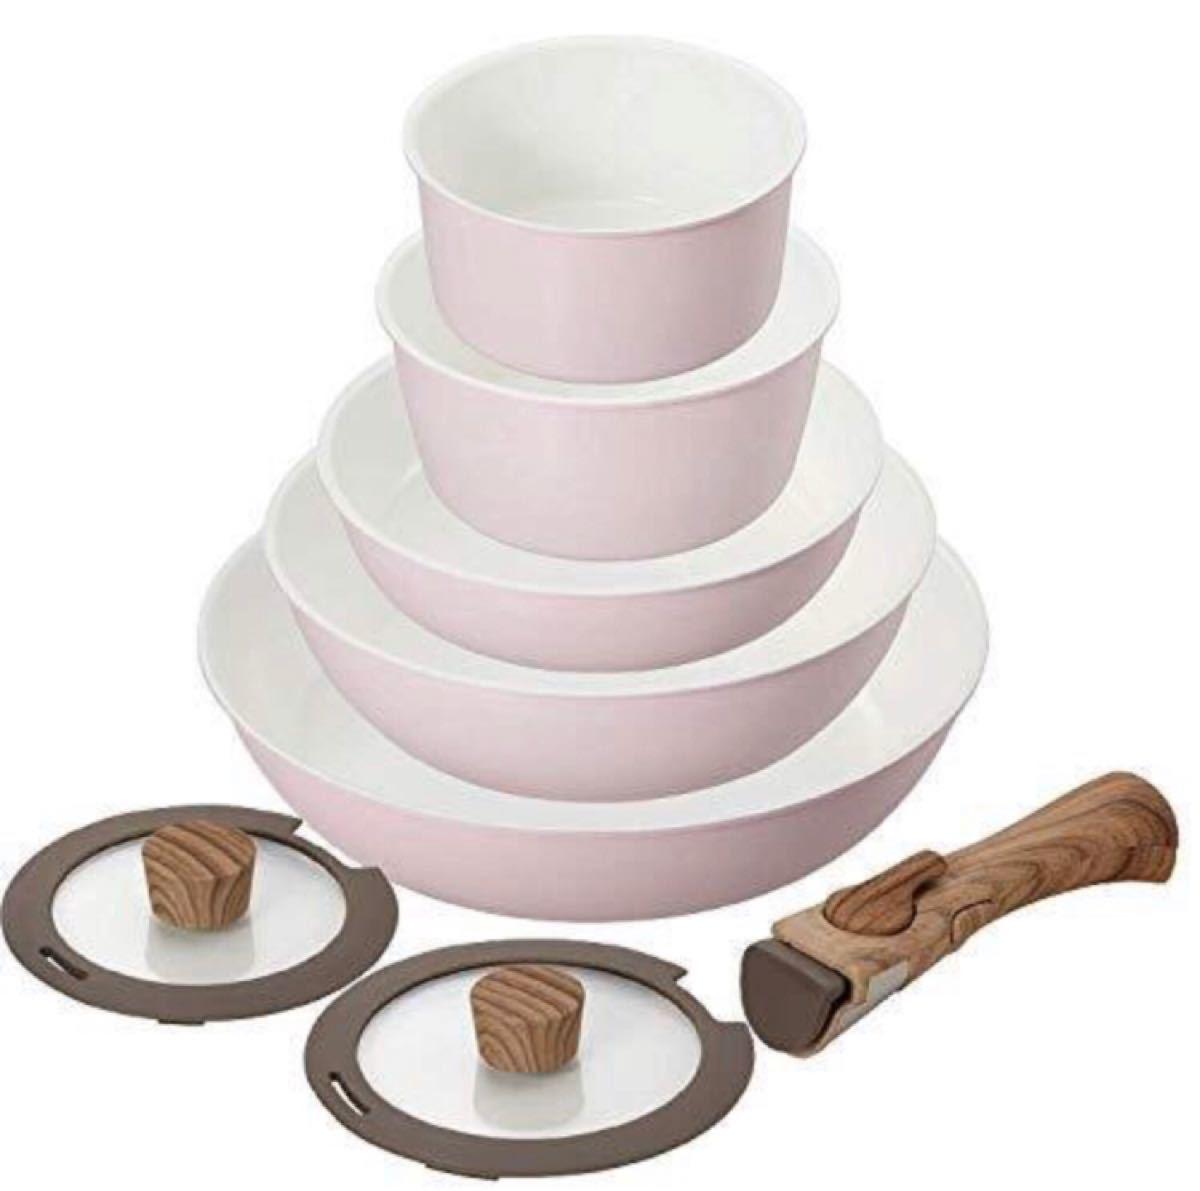 セラミック フライパン&鍋8点セット 蓋など 調理器具 遠赤外線